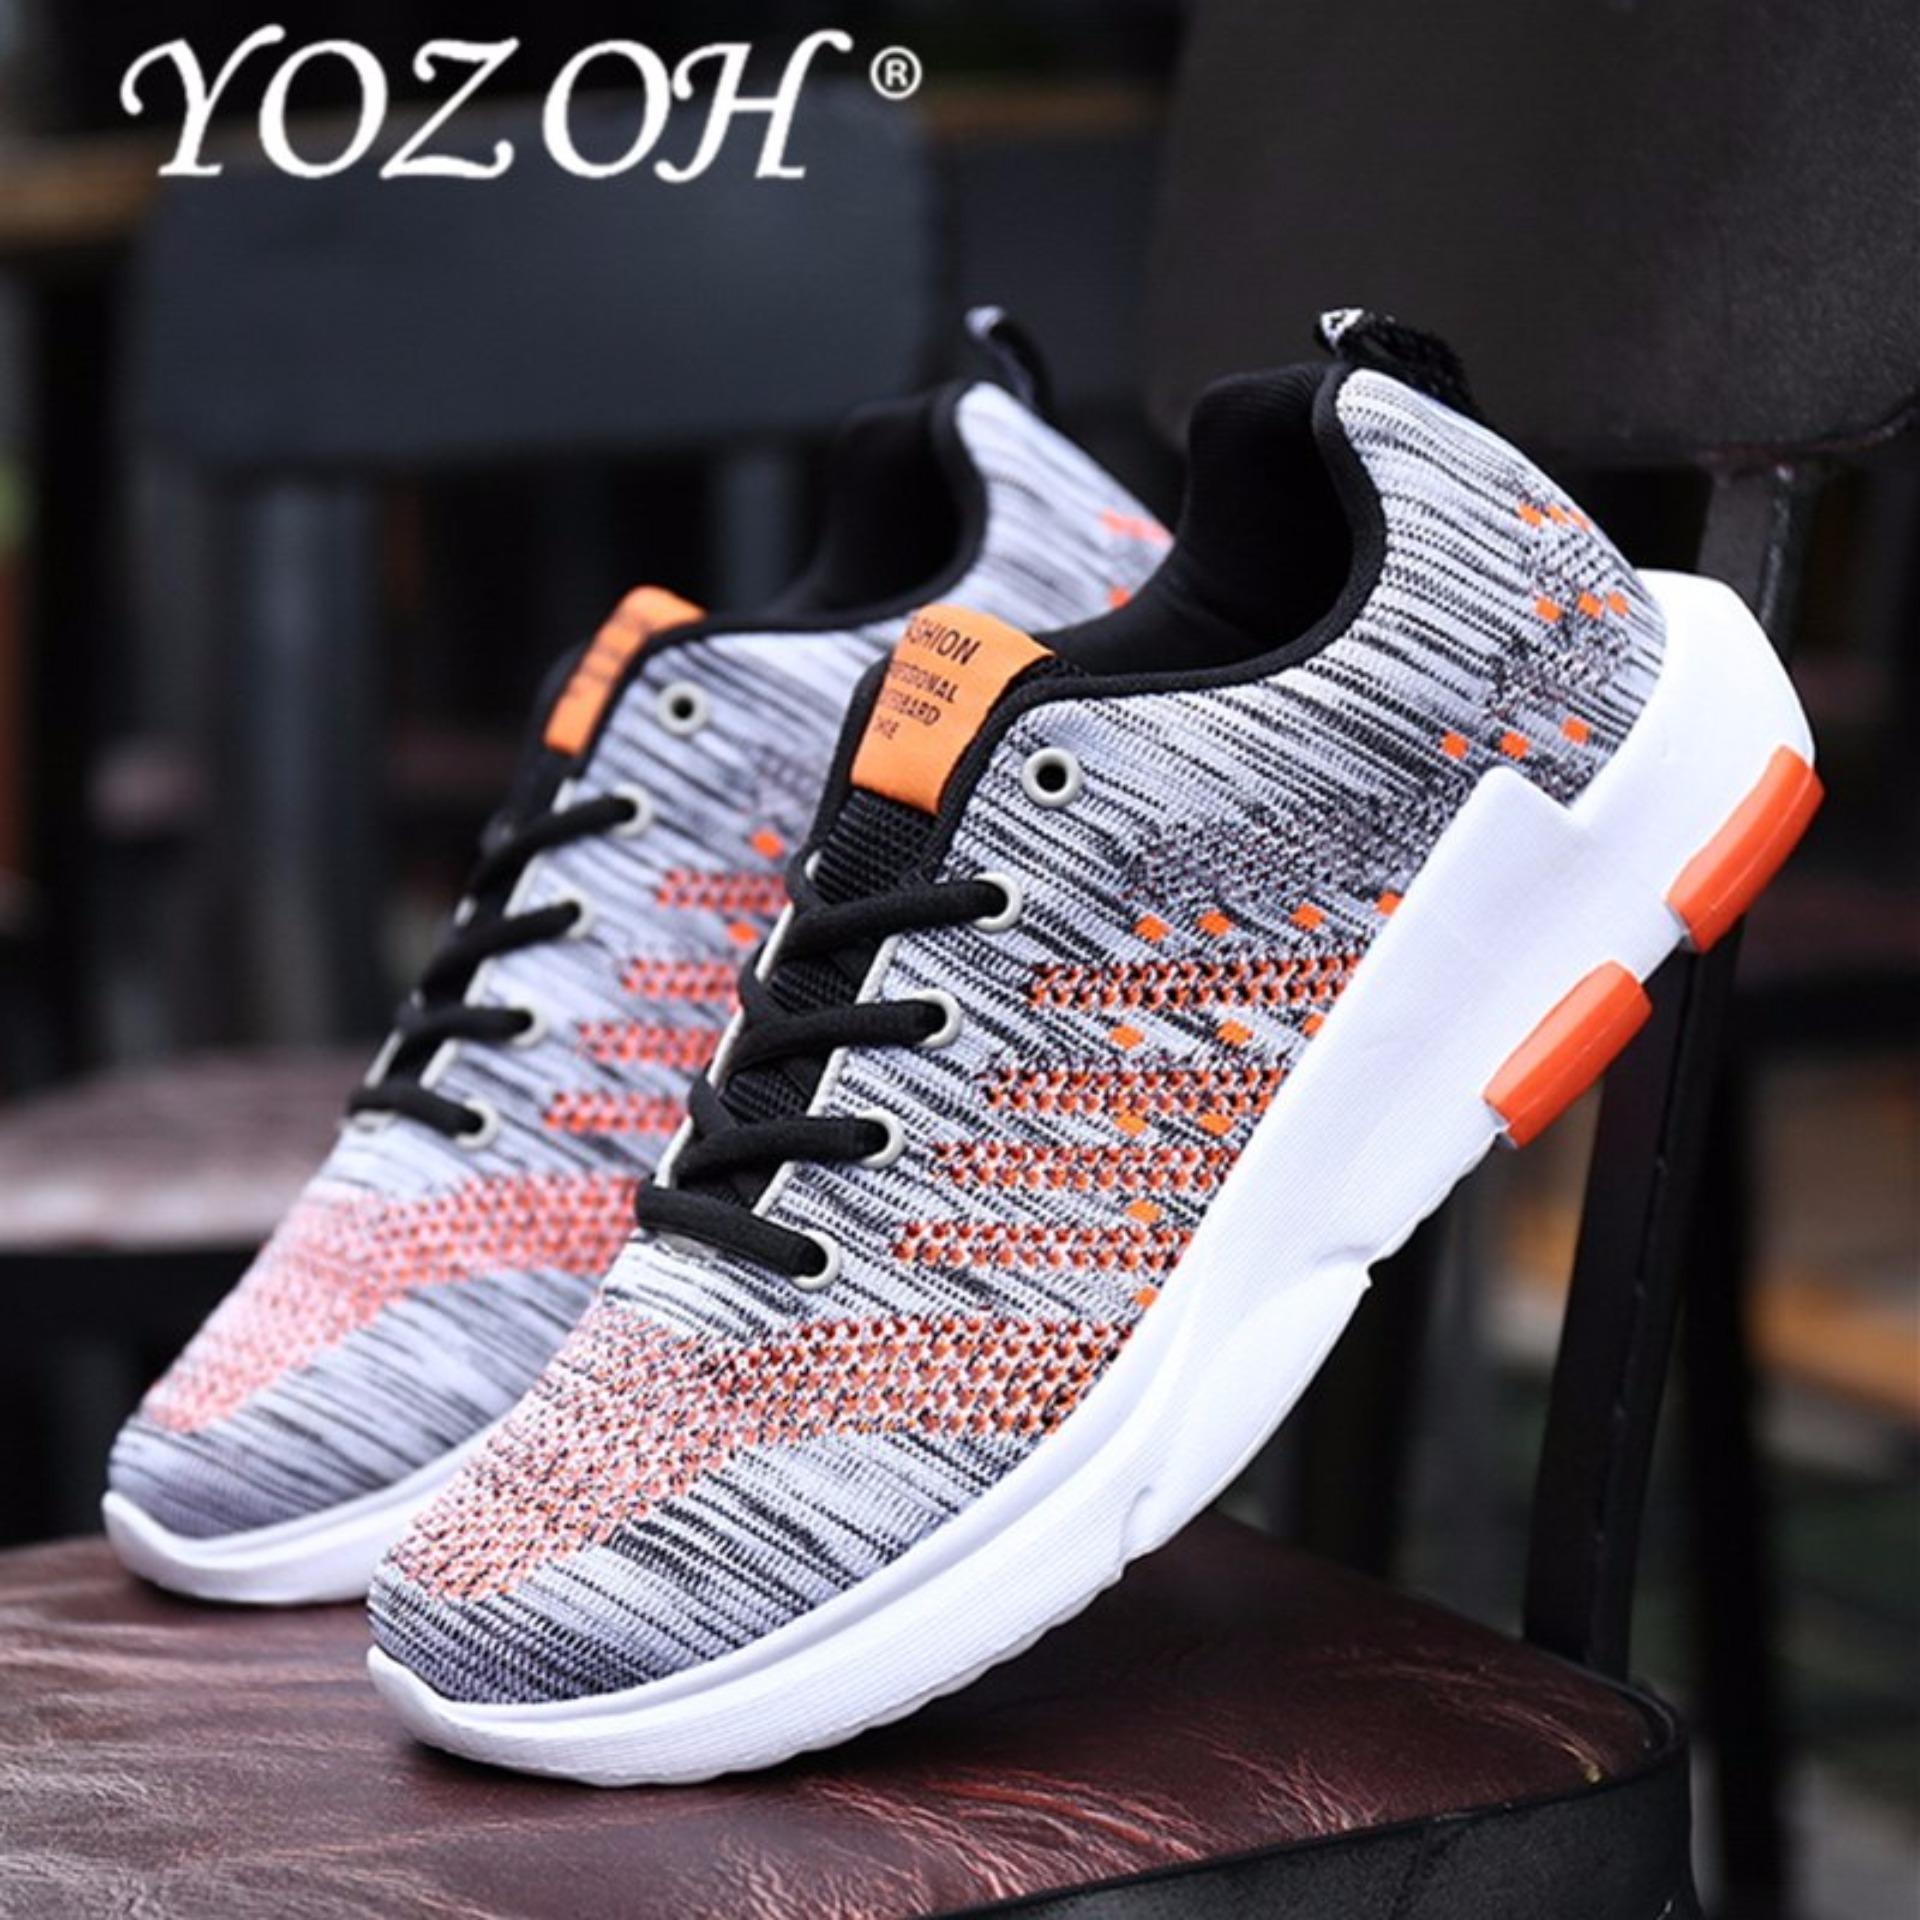 Promo Yozoh Sepatu Lari Pria Sneakers Pria Olahraga Sepatu Pria Bernapas Free Run Zapatillas Deporte Mujer Sneakers Grey Intl